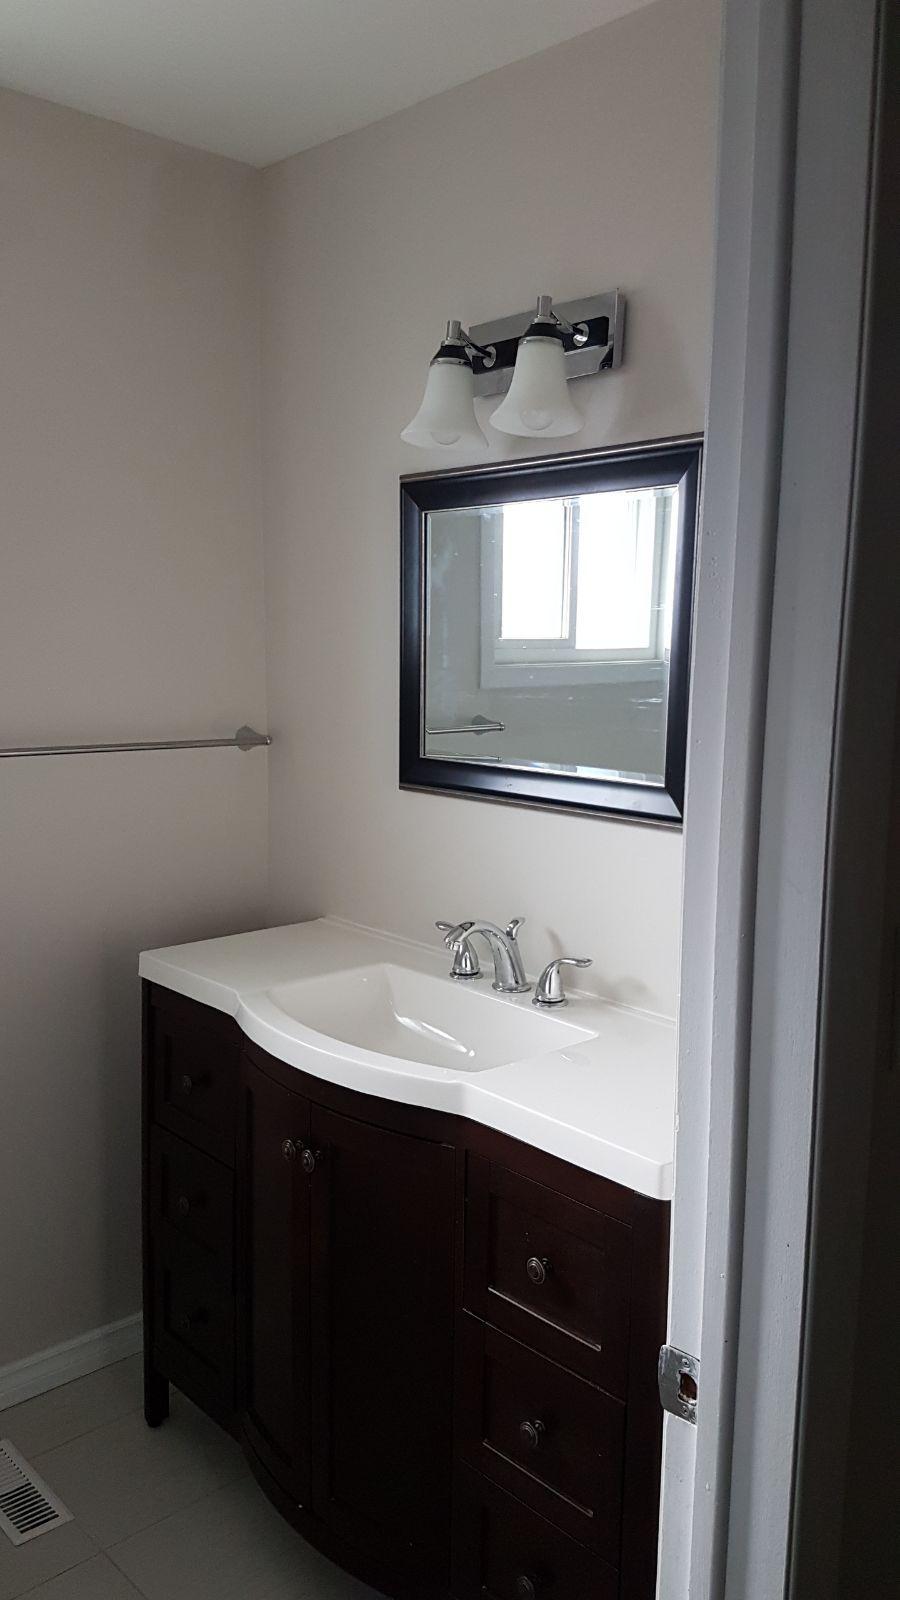 Bathroom remodel toronto - Bathroom Remodeling Toronto Ontario